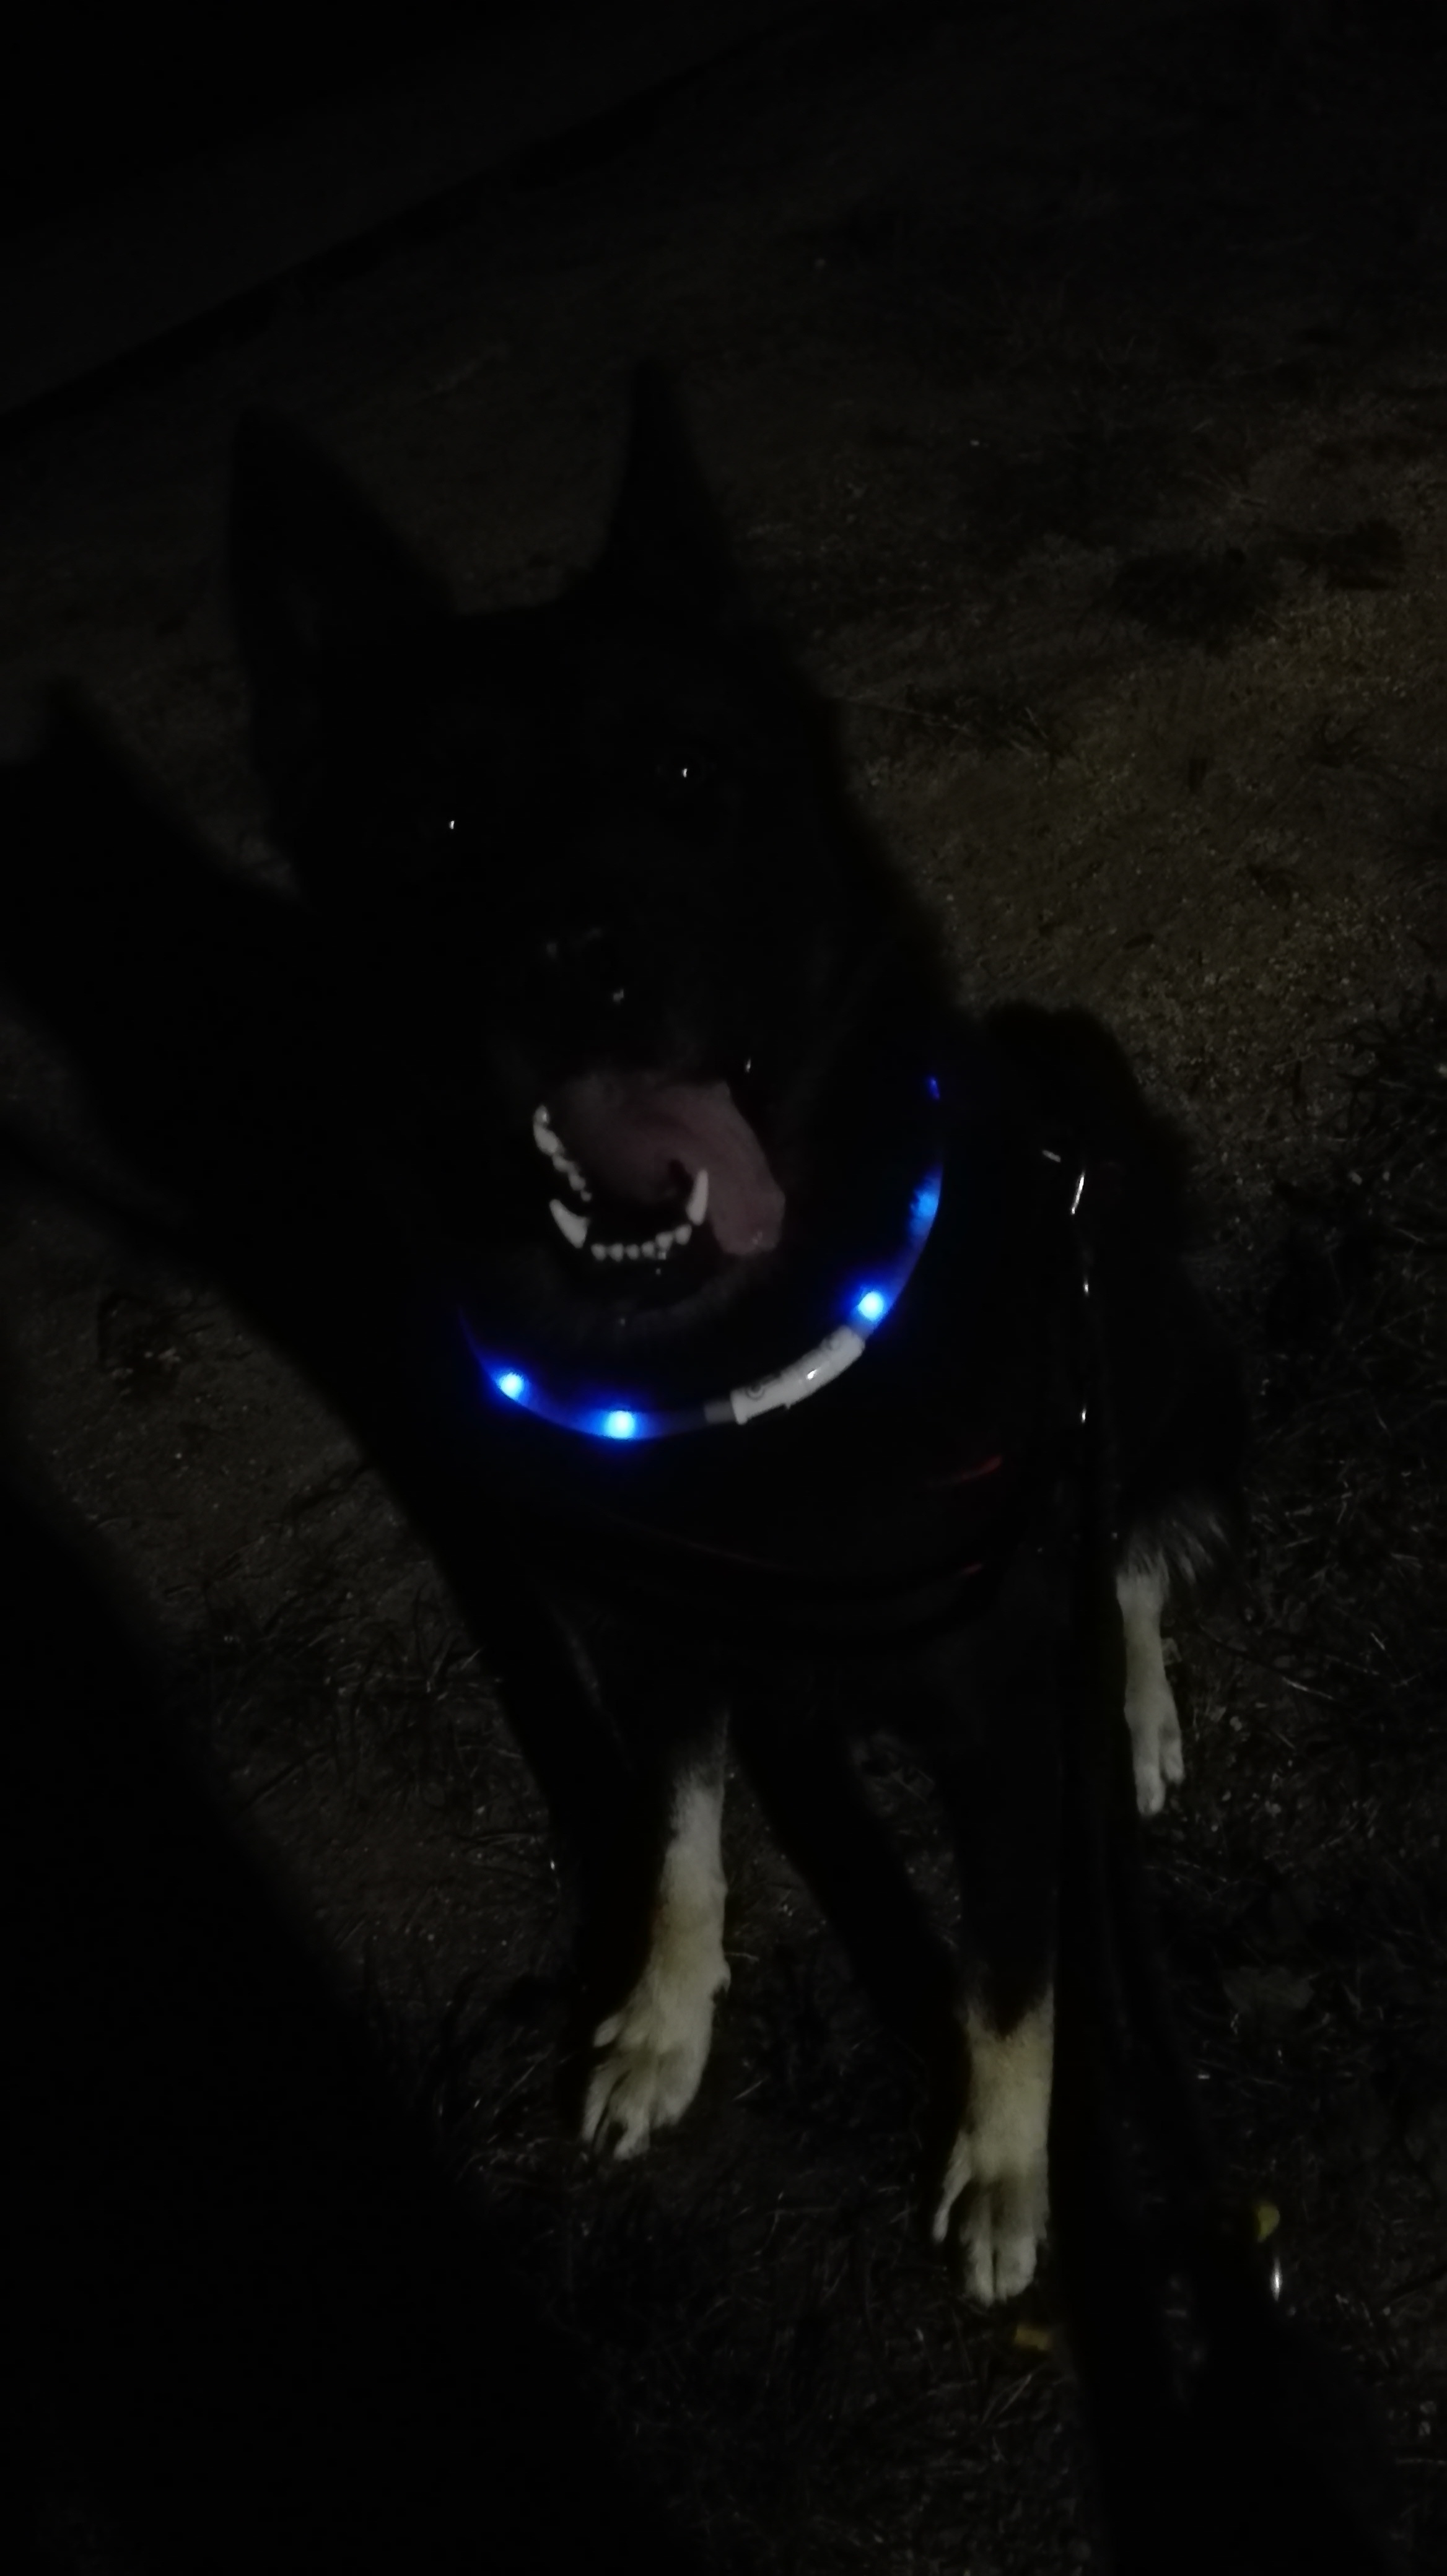 Vytáhnutí svítícího obojku ze skříně. Černej pes ve tmě  fakt není vidět :)